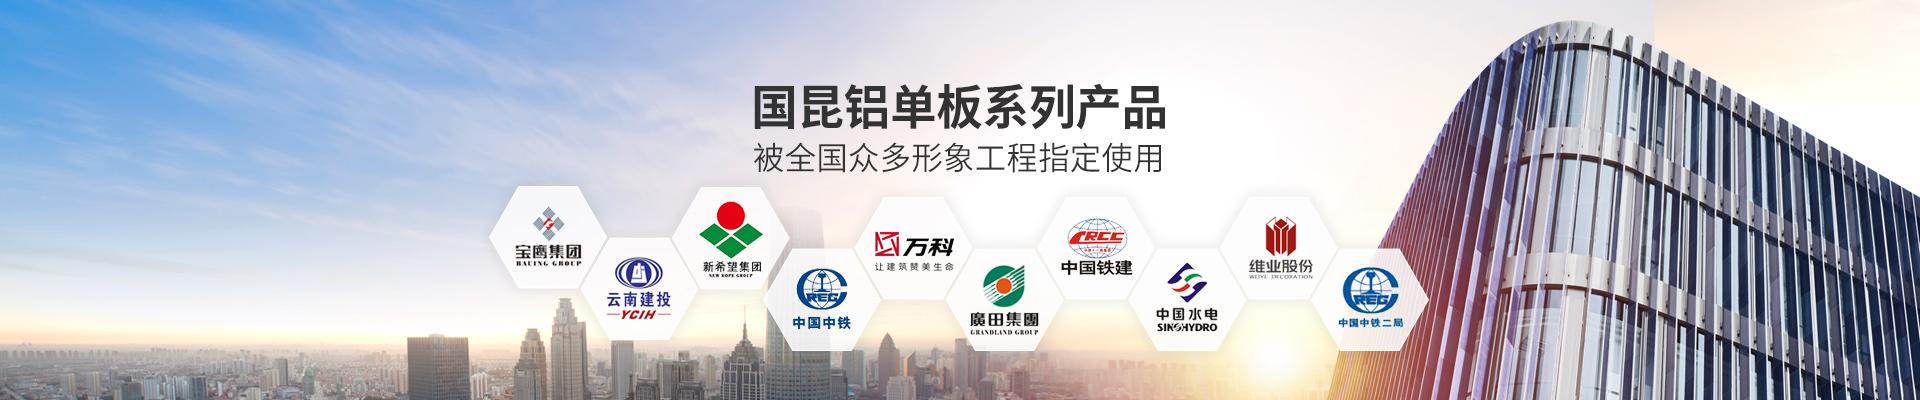 国昆铝单板系列产品,被全国众多形象工程指定使用